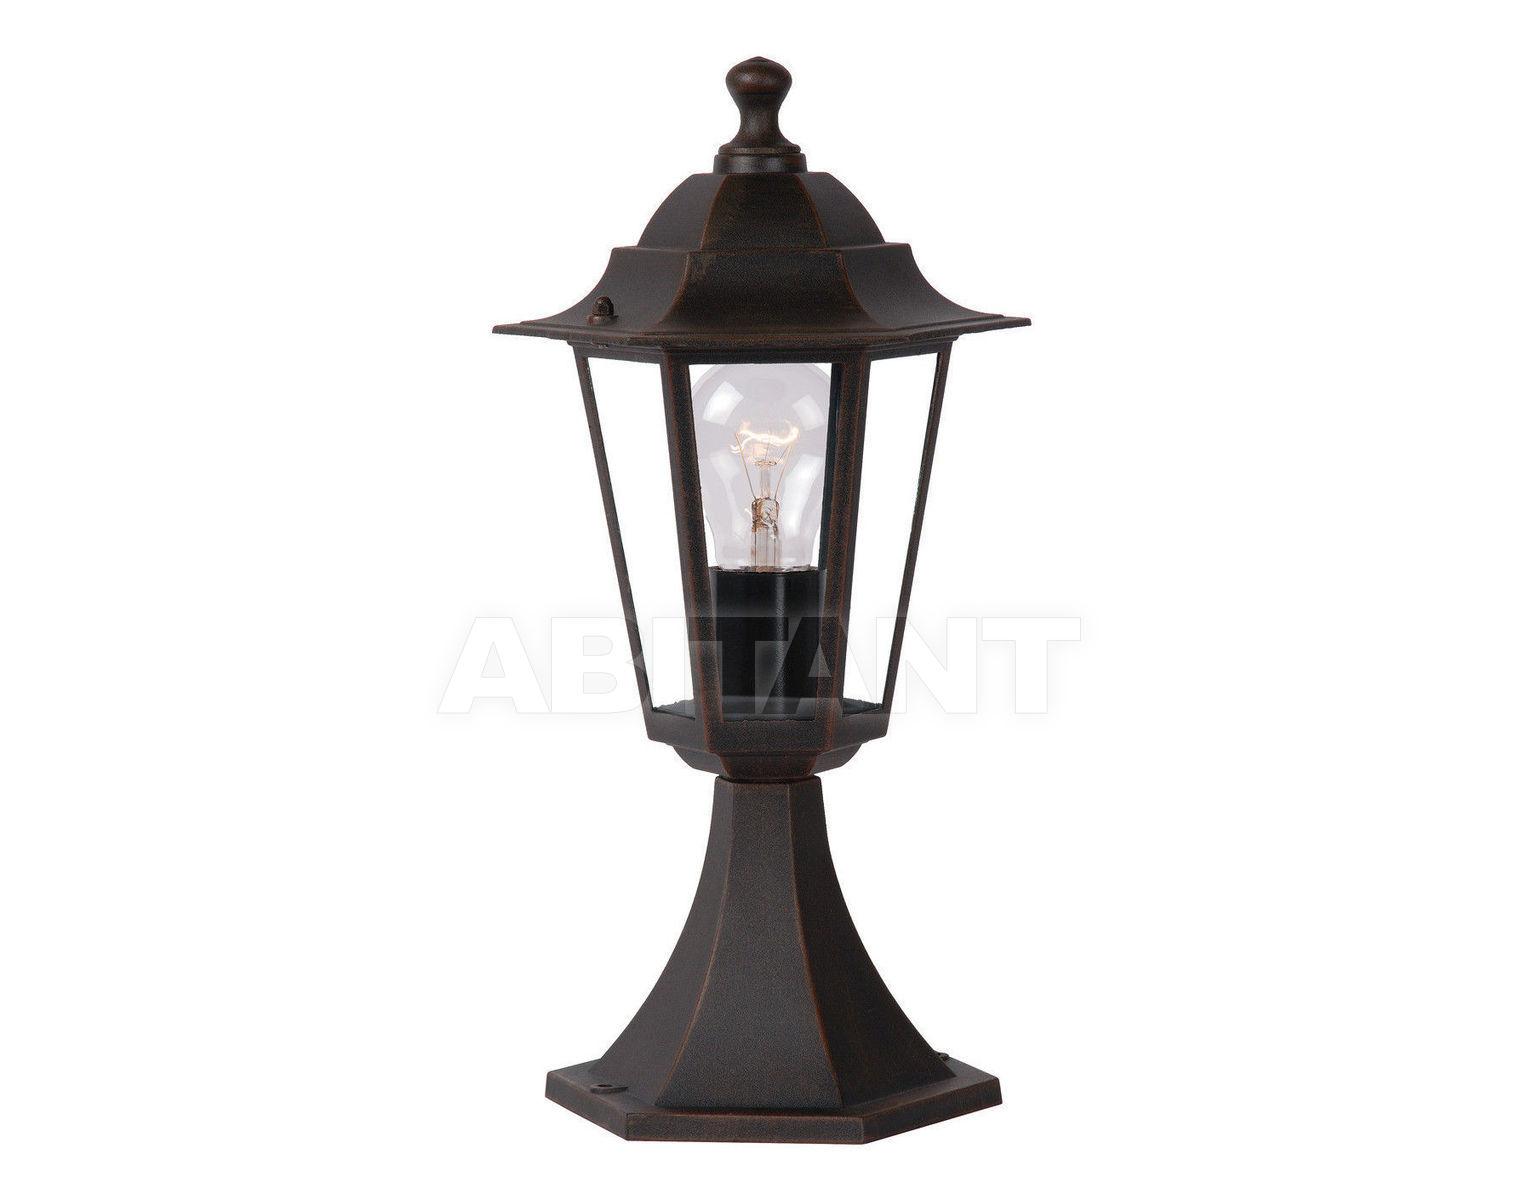 Купить Садовый светильник Lucide  Outdoor 2013 27807/01/97